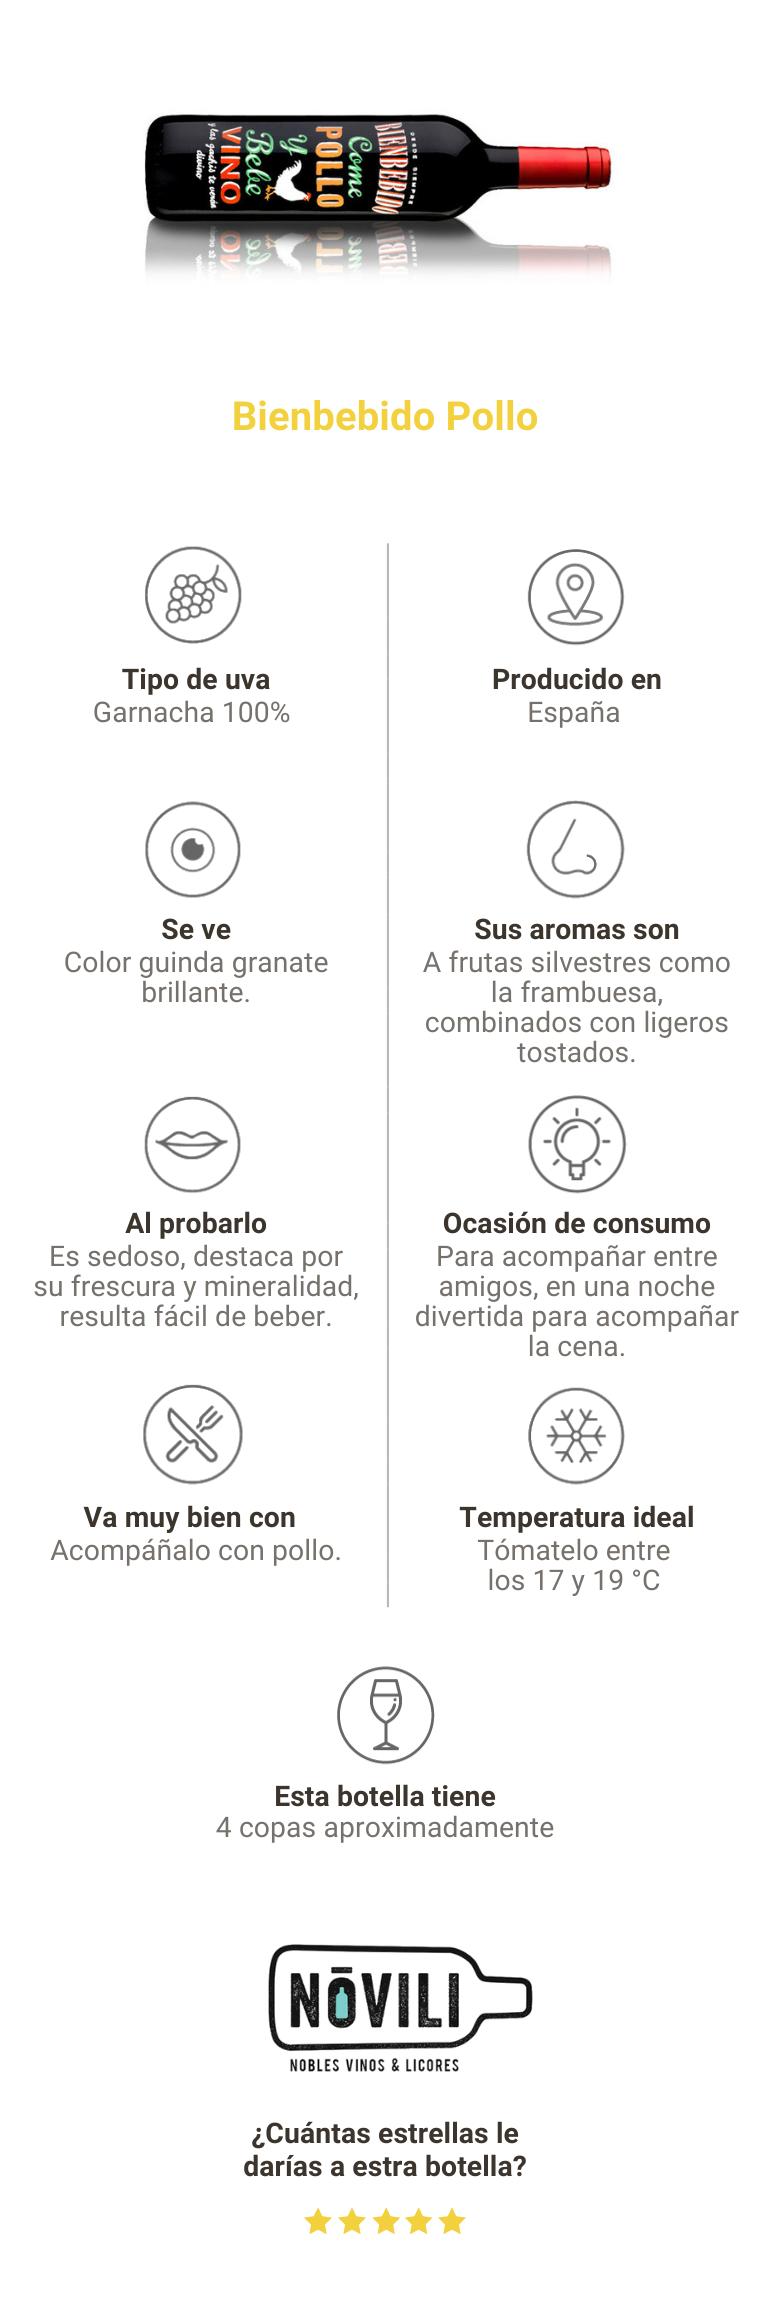 Compra Bienbebido Pollo Colombia